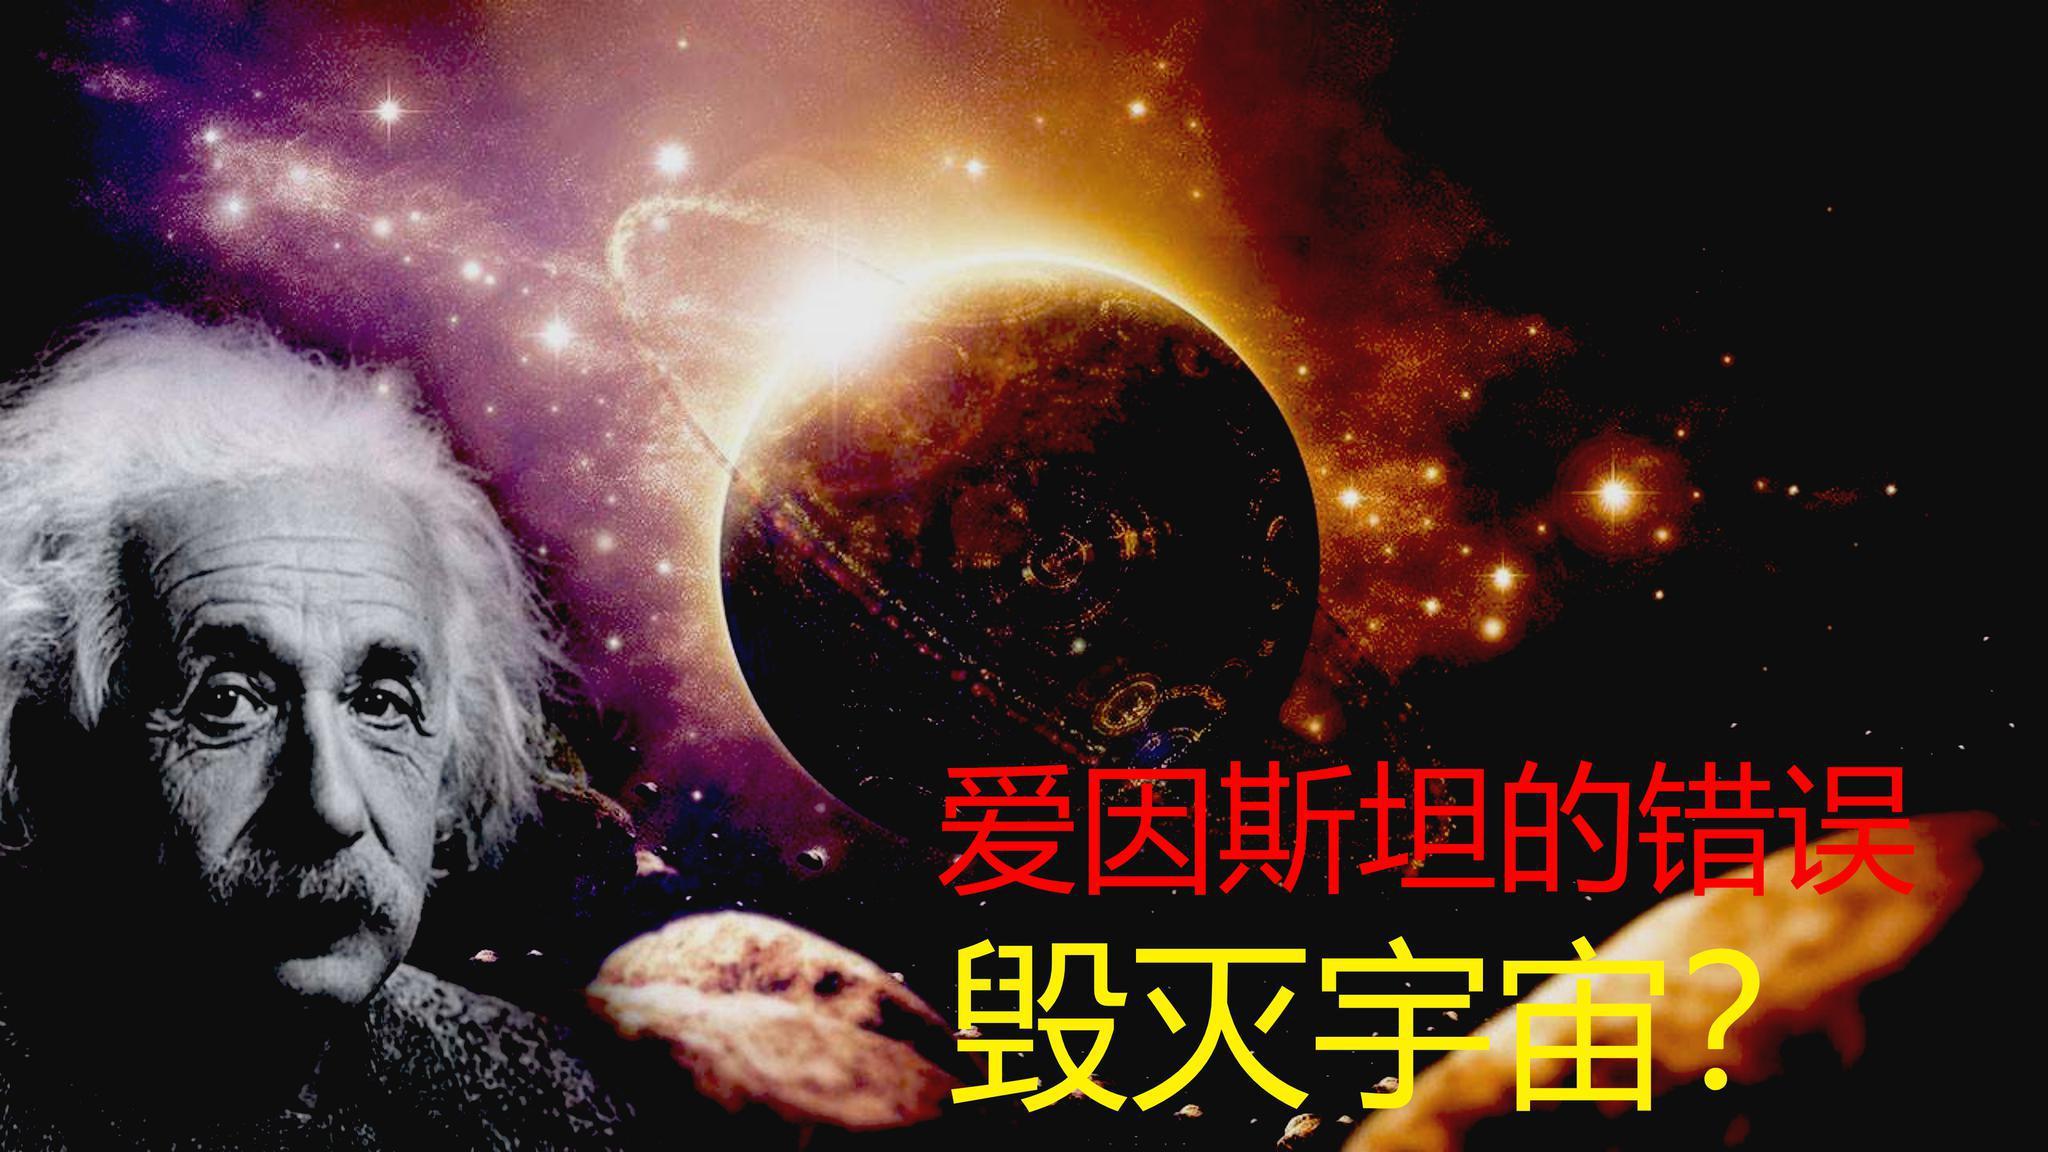 爱因斯坦最大的错误,占宇宙68.3%的暗能量,最终将撕碎整个宇宙